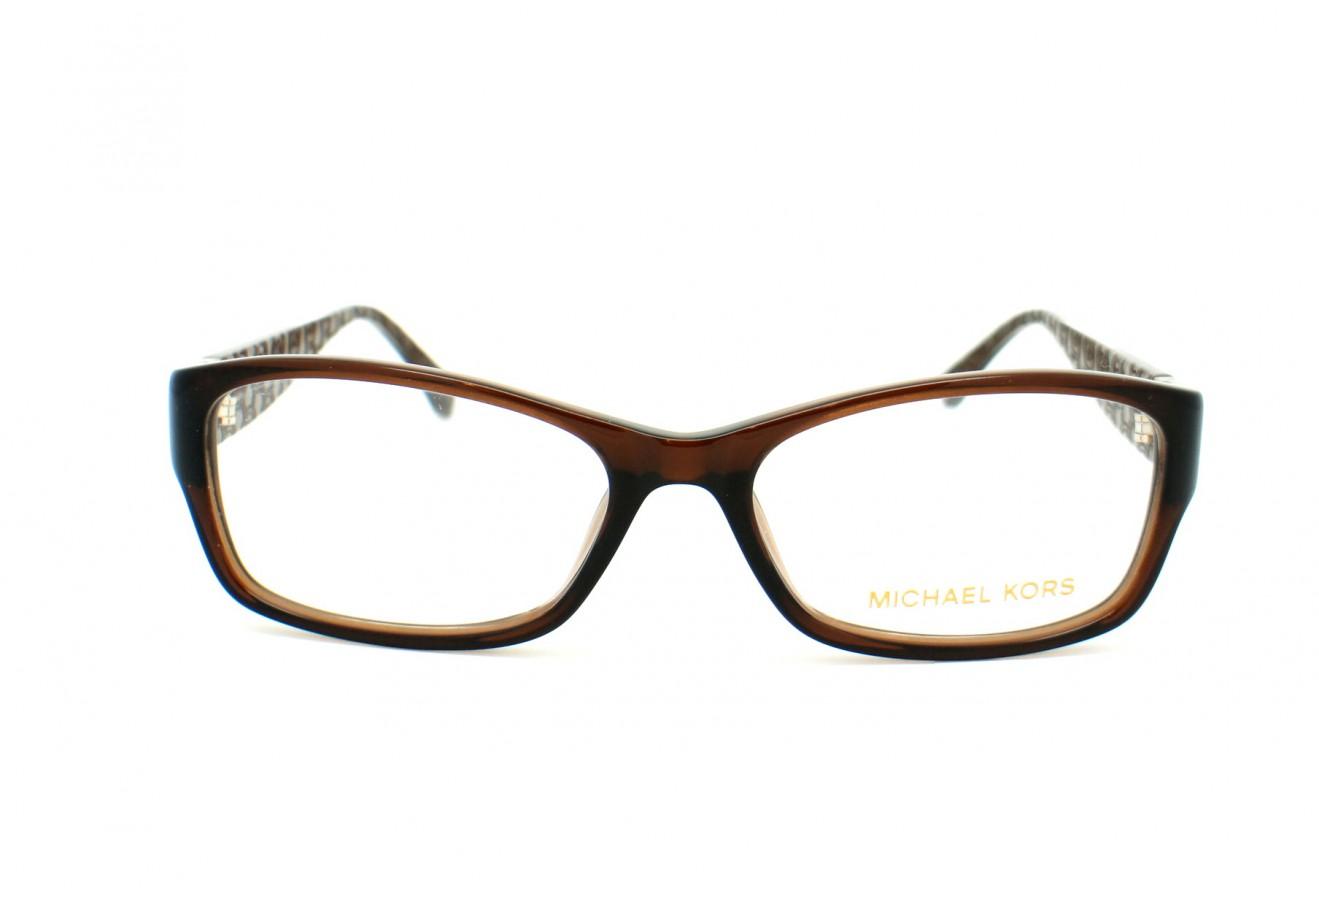 lunettes de vue michael kors mk 840 210 52 16. Black Bedroom Furniture Sets. Home Design Ideas